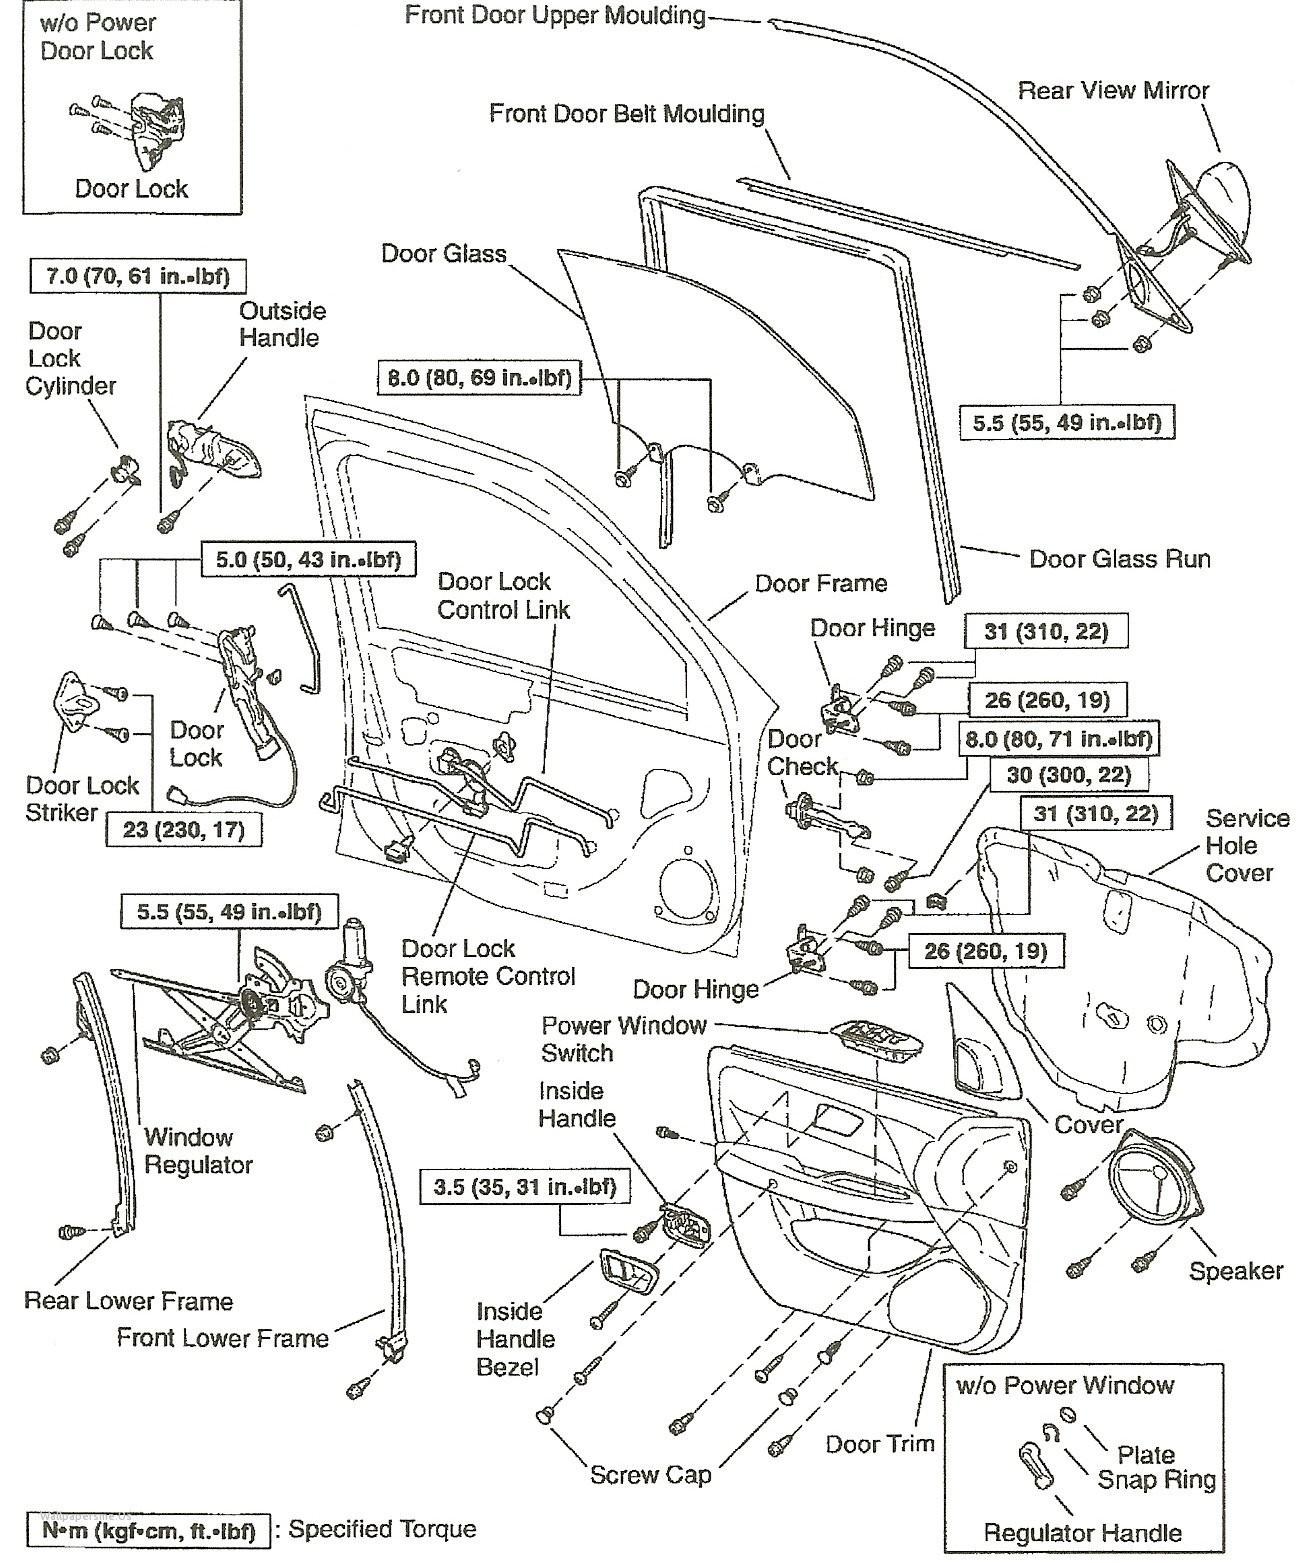 Car Undercarriage Parts Diagram Car Body Parts Diagram Luxury Wonderful Car Undercarriage Parts Of Car Undercarriage Parts Diagram